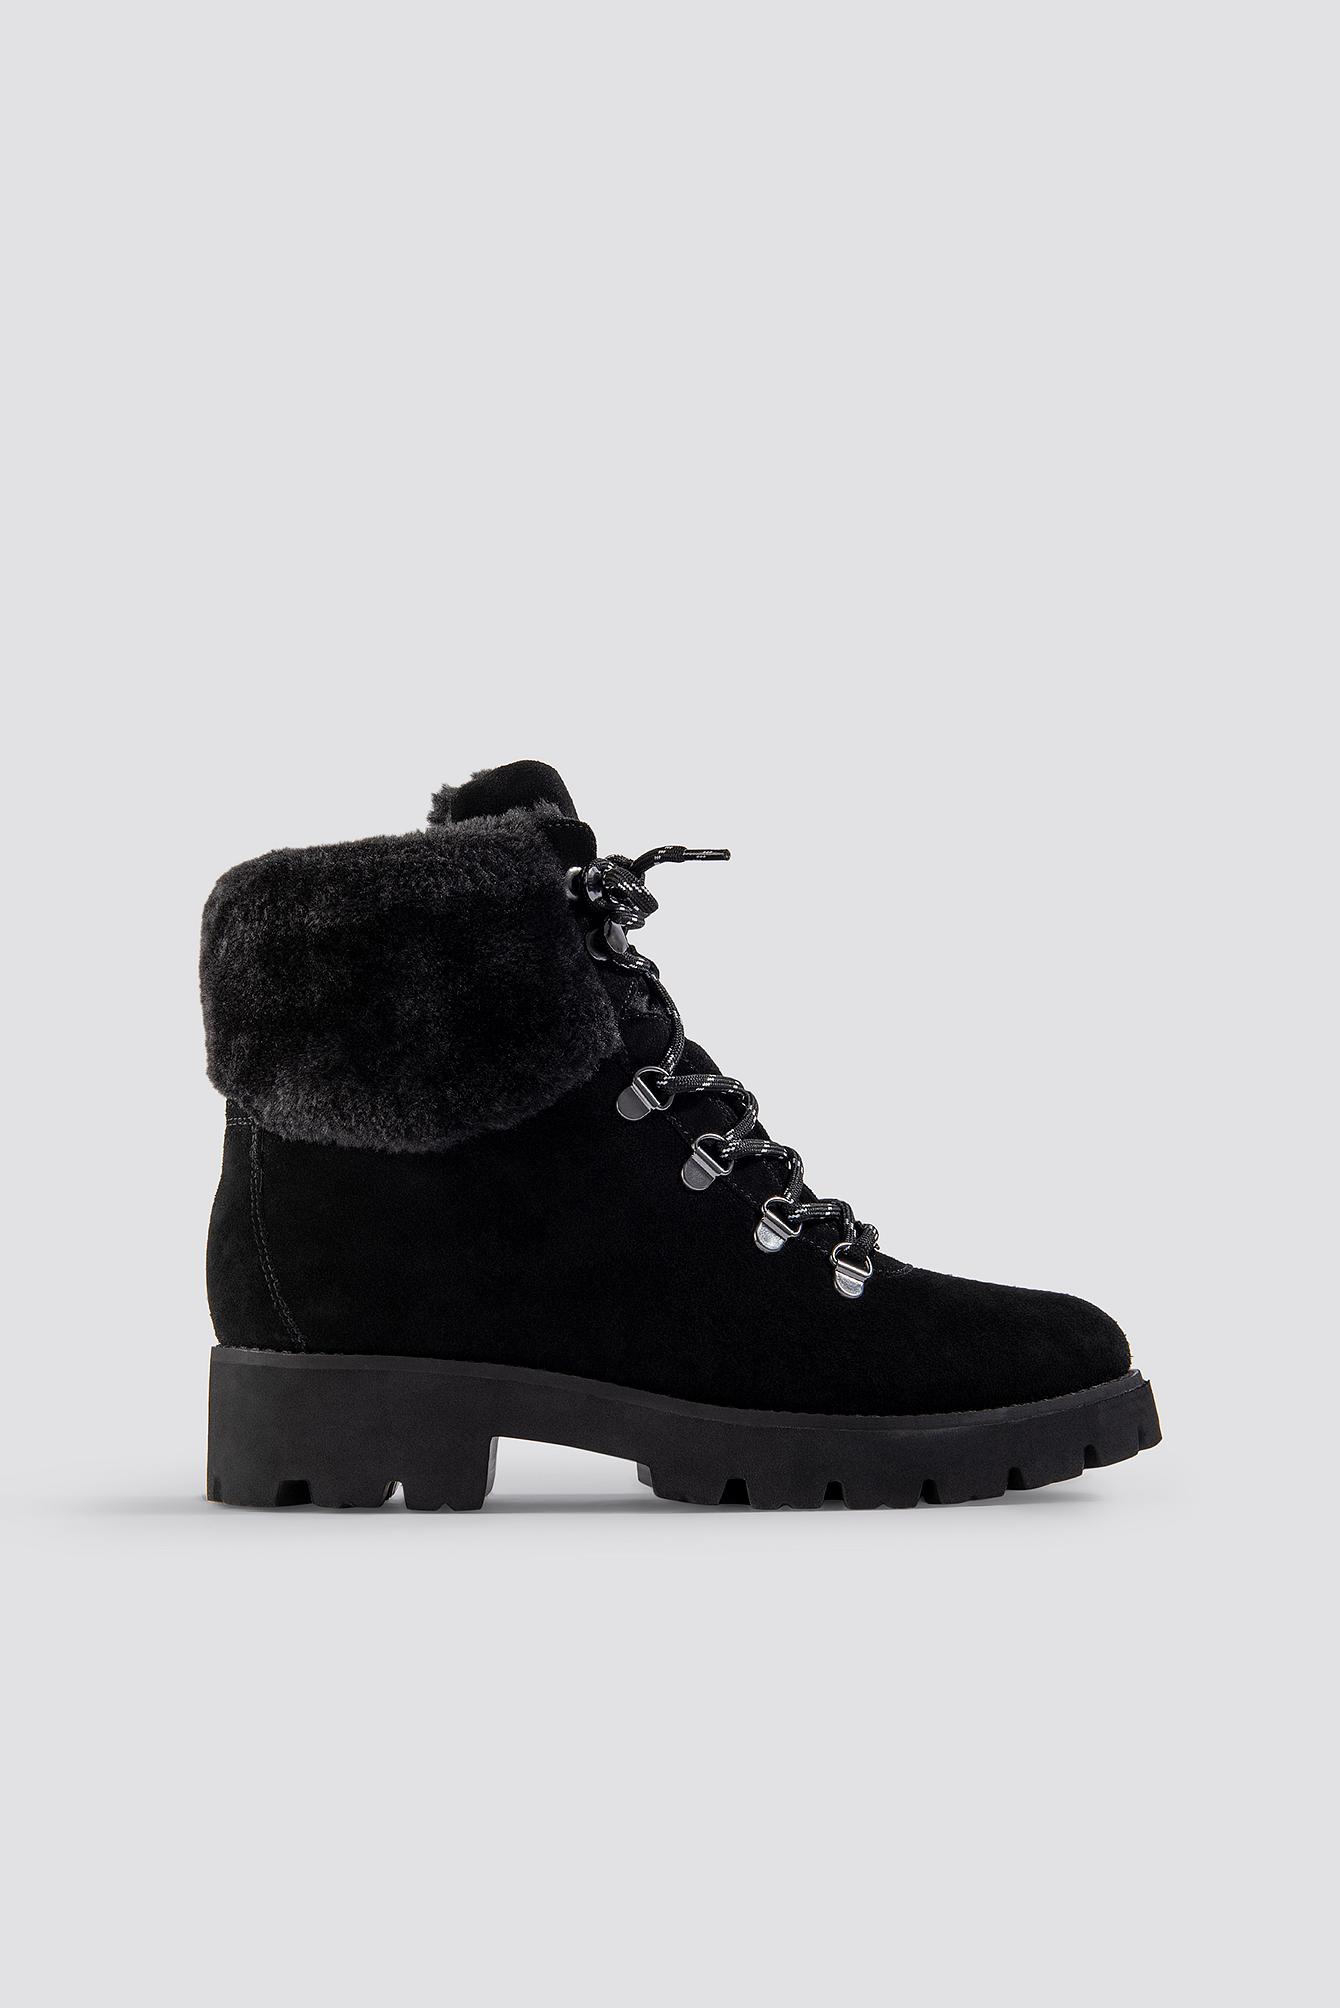 steve madden -  Zoomy Ankleboot - Black